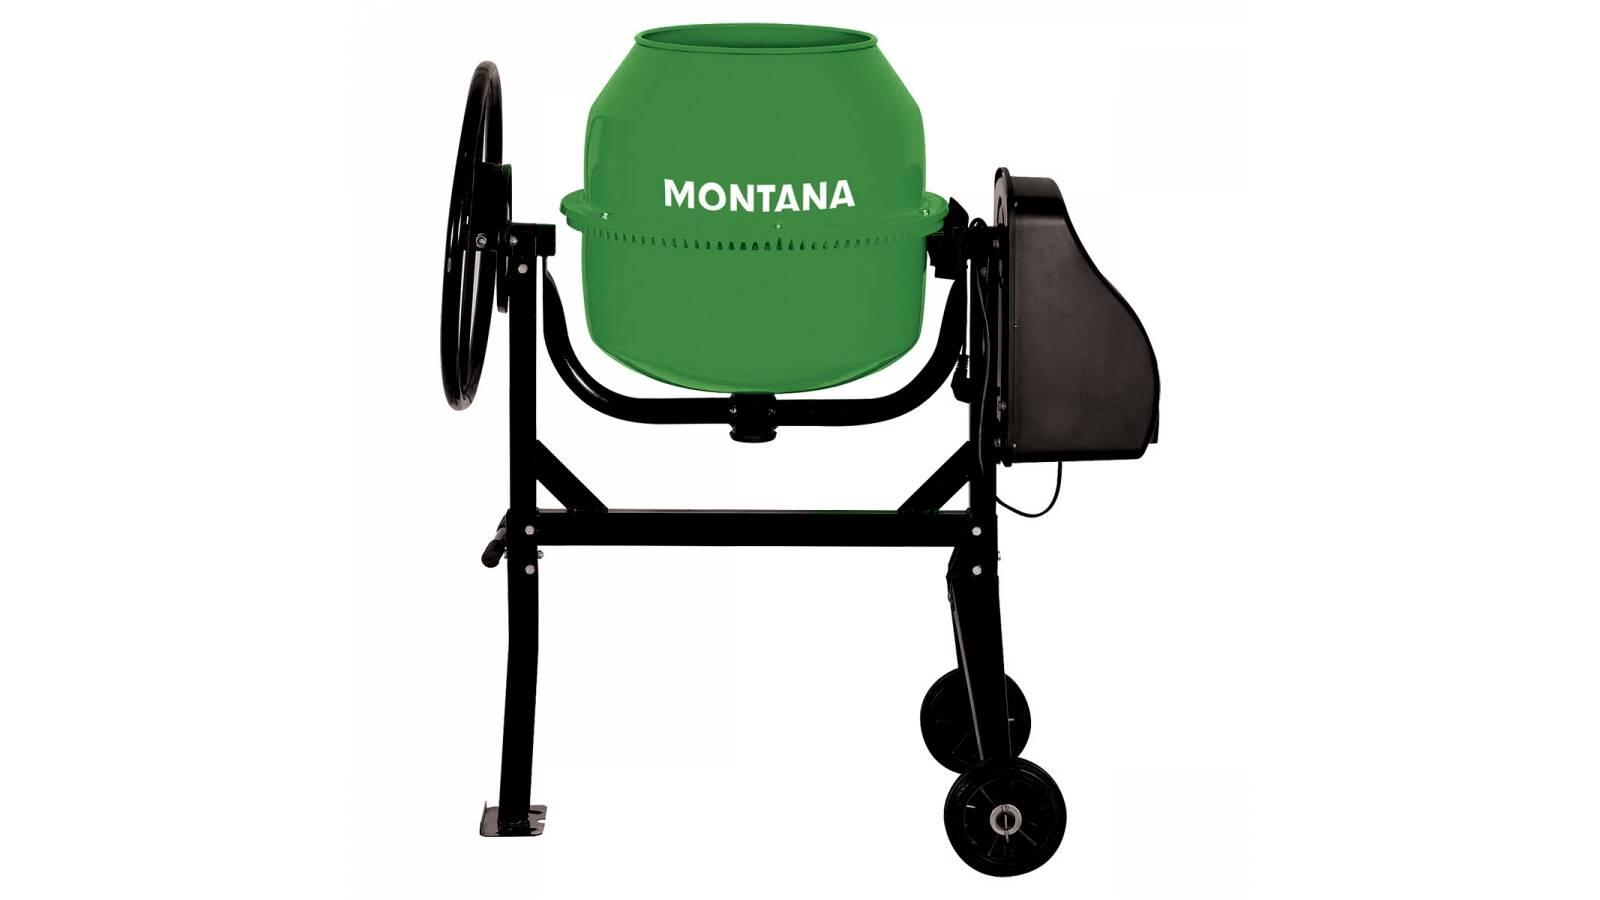 Hormigonera Montana de 120 lts